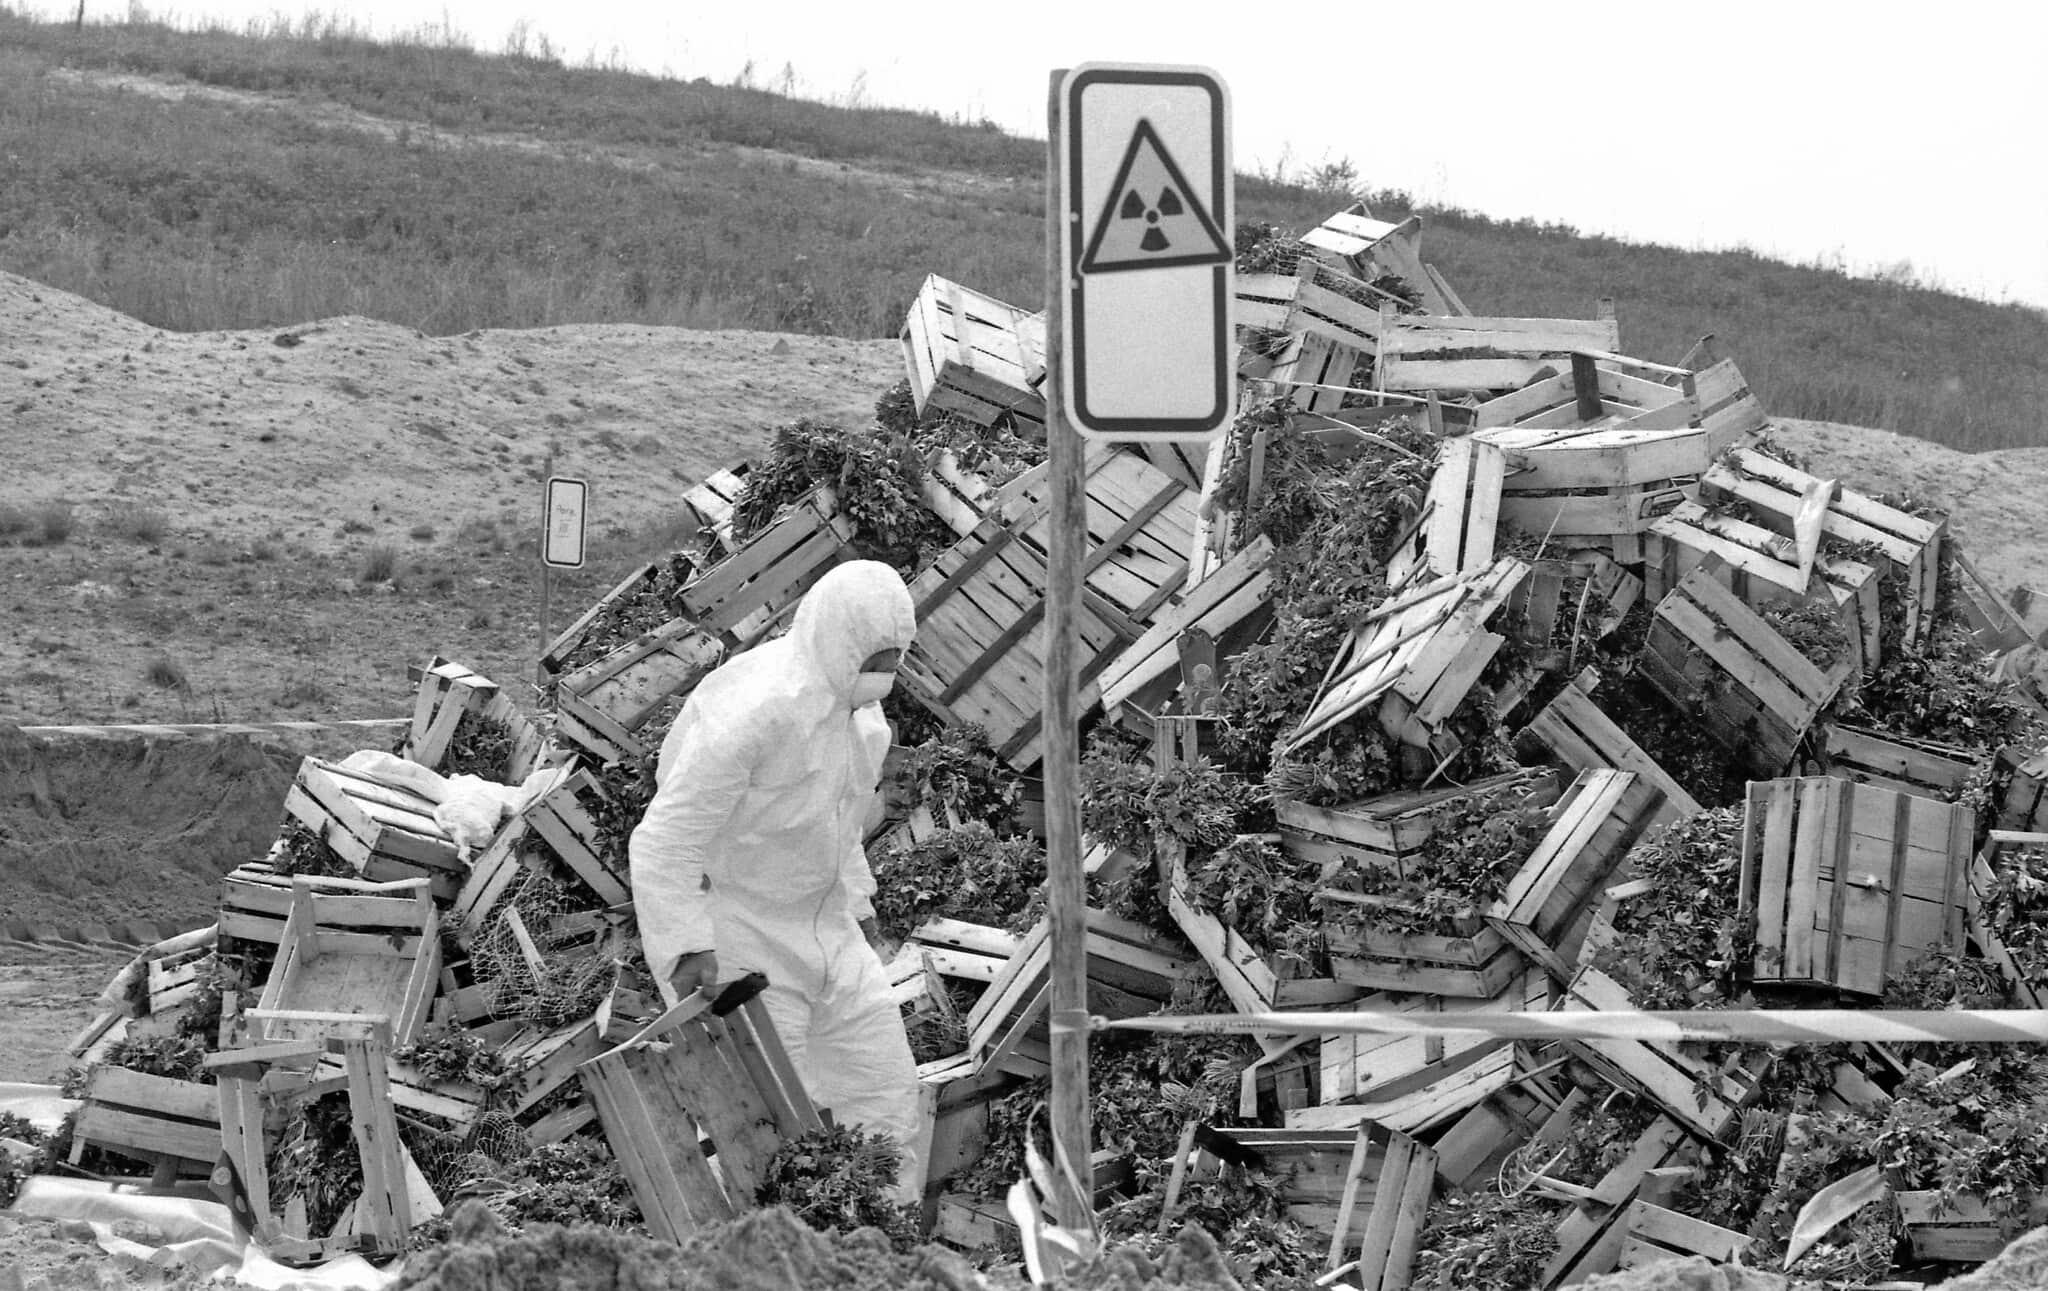 ארגזים של ירקות במזבלה בברלין, שהושלכו כי הזדהמו מקרינה באסון צ'רנוביל, 9 במאי 1986 (צילום: AP Photo/Rainer Klostermeier/str))